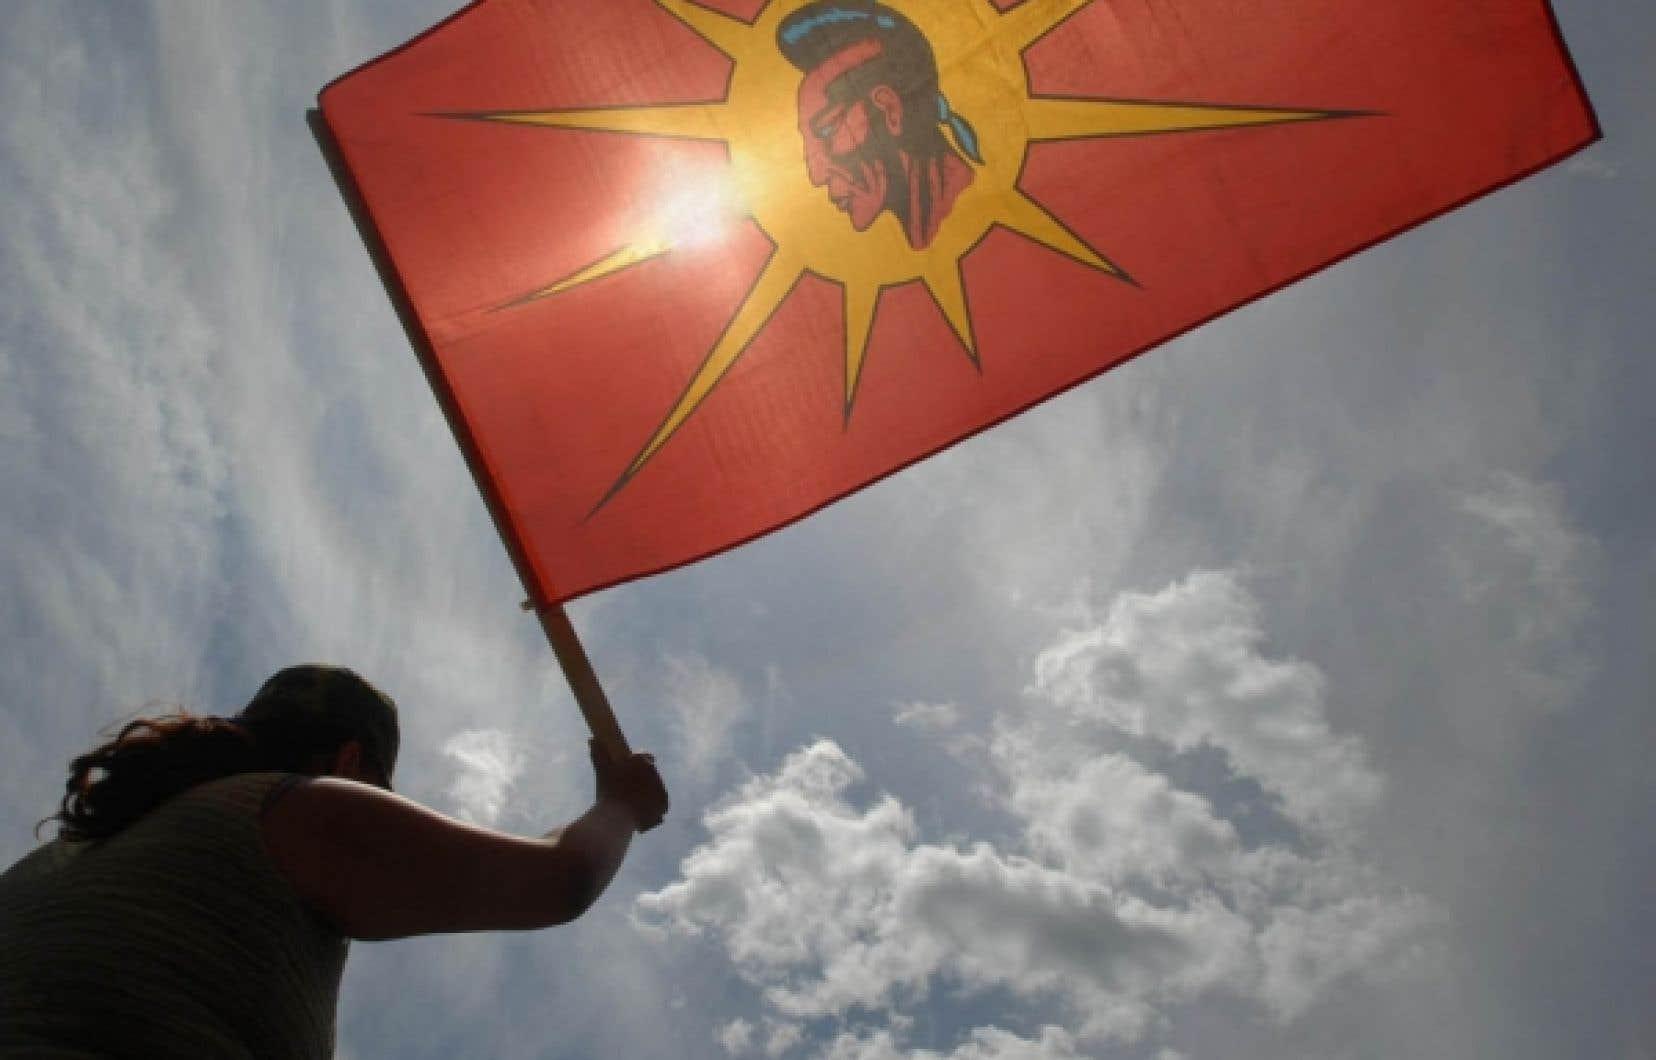 Manifestation autochtone à Kahnawake en 2007. La décision d'expulser les Blancs de la réserve a été mal reçue par le ministre des Affaires indiennes, Chuck Strahl, mais aussi par le chef libéral, Michael Ignatieff, et la présidente de Femmes autochtones du Québec inc., Ellen Gabriel.